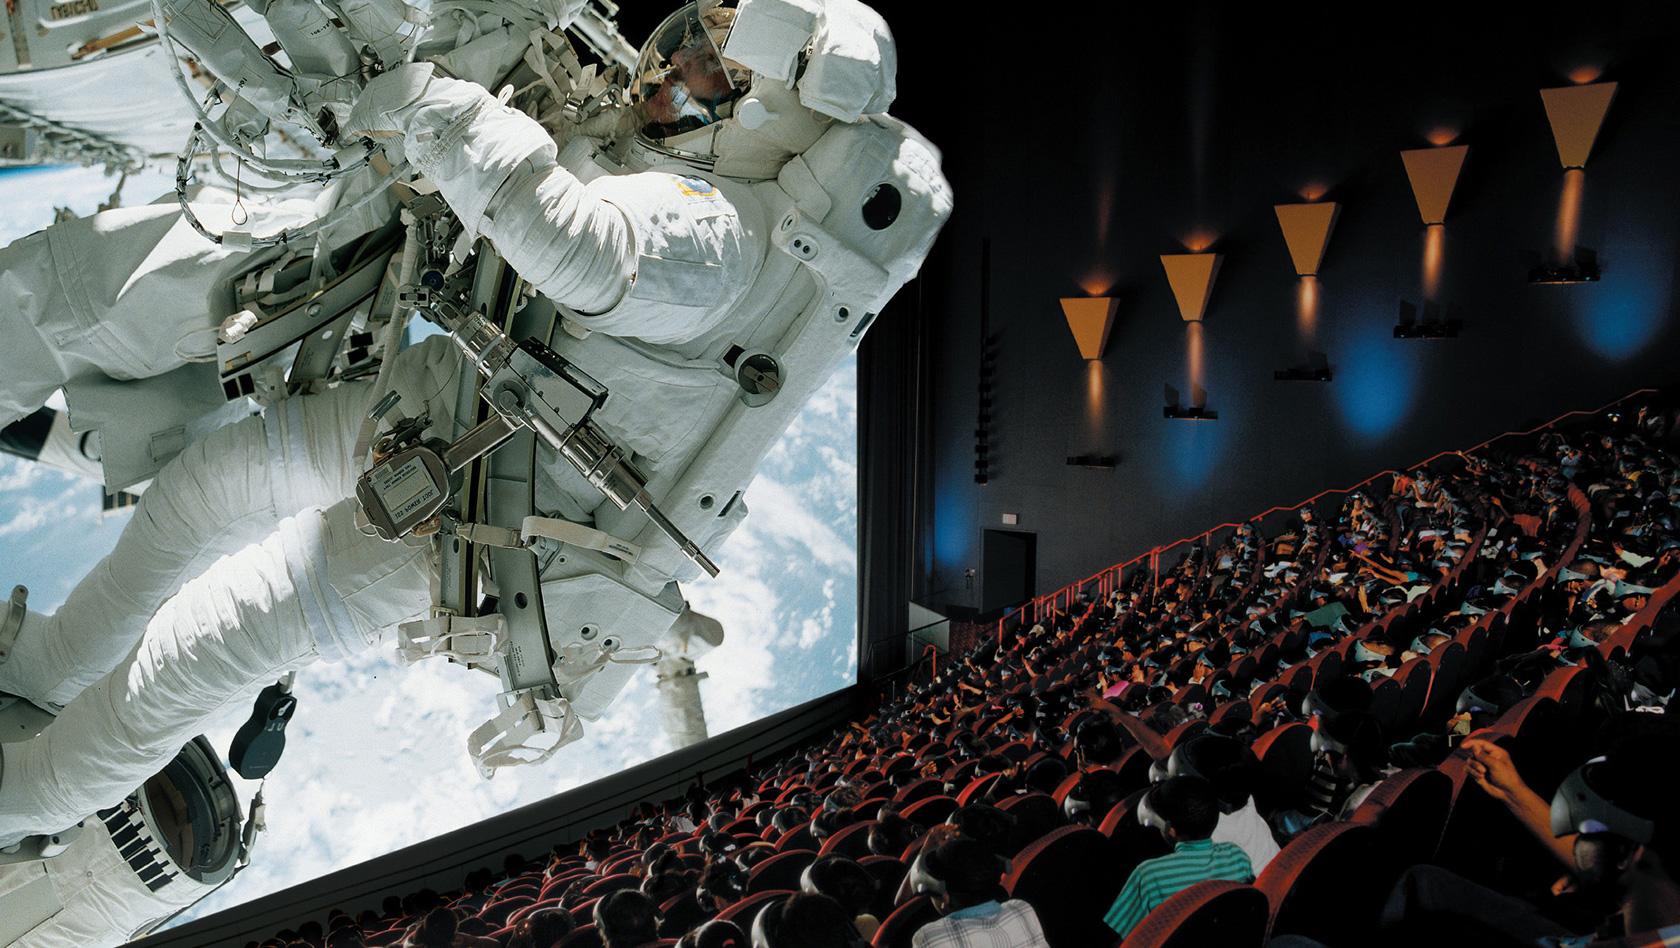 Мама, отпусти меня в кино — в Дубае открылся самый большой кинотеатр IMAX